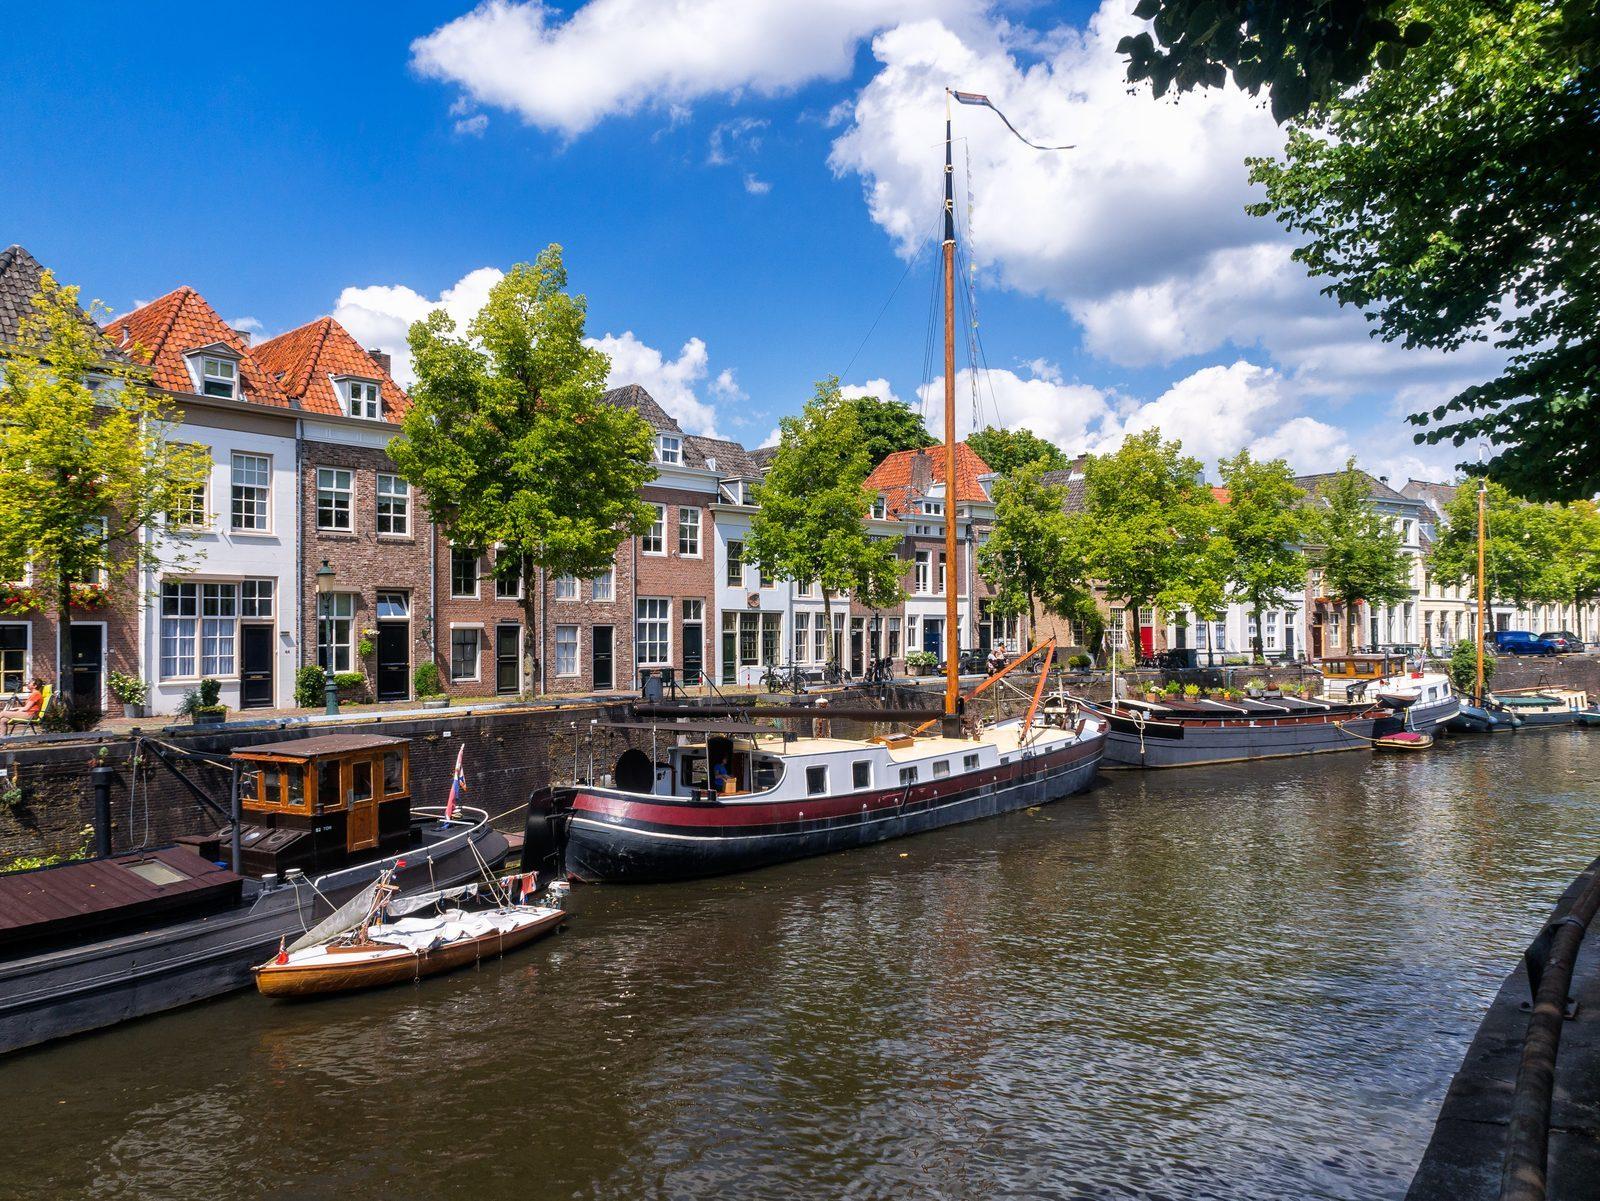 Vakantiehuis kopen Brabant